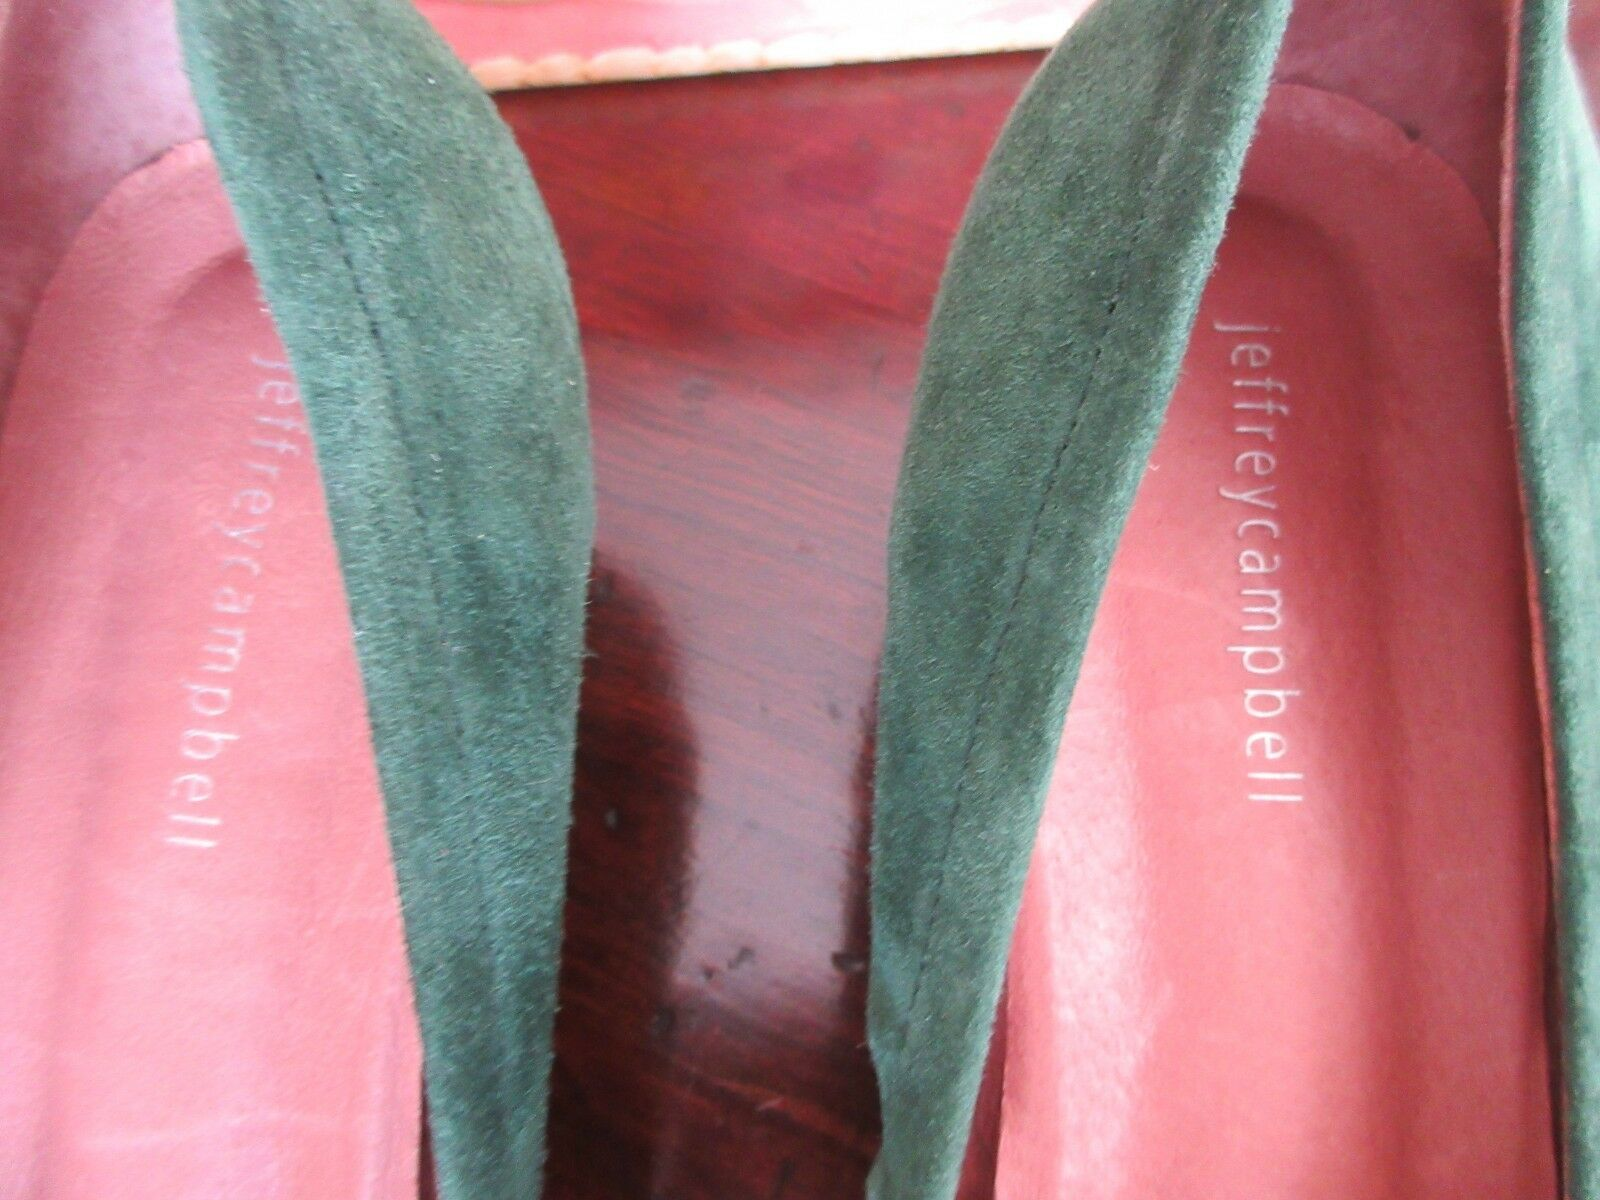 Nuevo En Caja Jeffrey Campbell Bitsie Talón Mediados Mediados Mediados Bomba De Gamuza En El Bosque verde Talla 9.5 709746